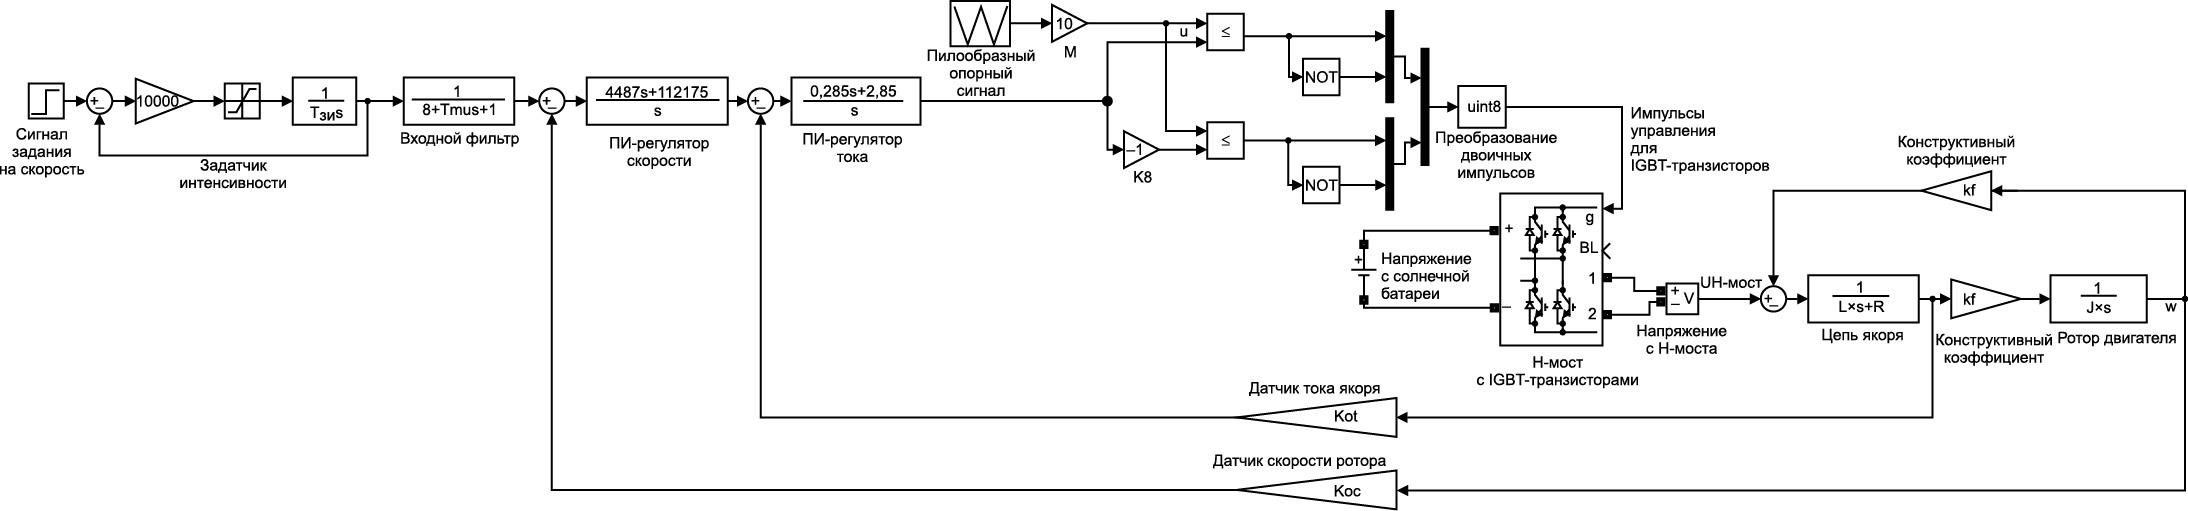 Скоростной электропривод азимутальной координаты, выступающий в качестве объекта управления для внешнего контура регулирования положения (для ПИД-регулятора положения)